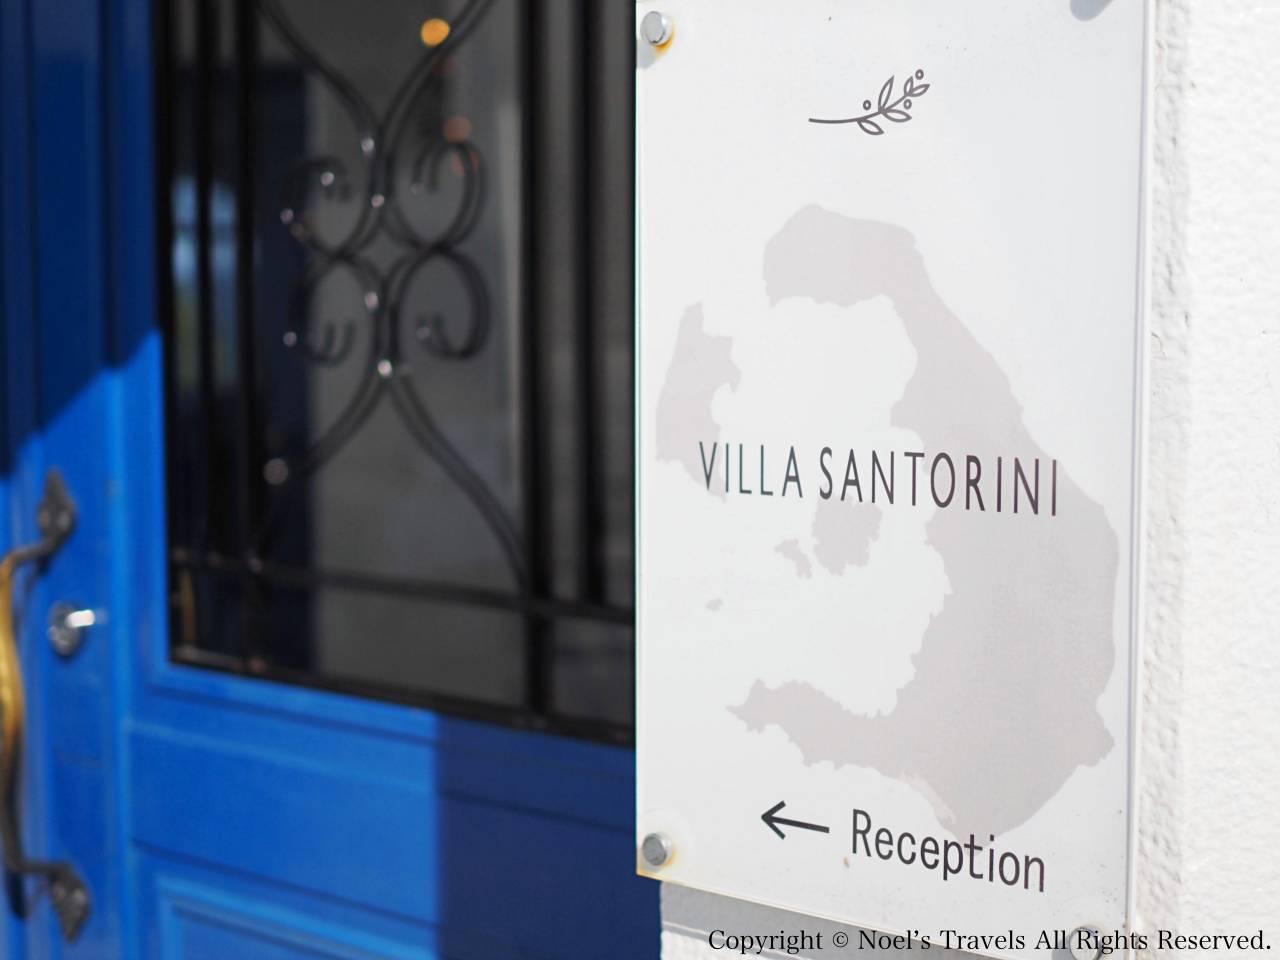 ヴィラ・サントリーニ